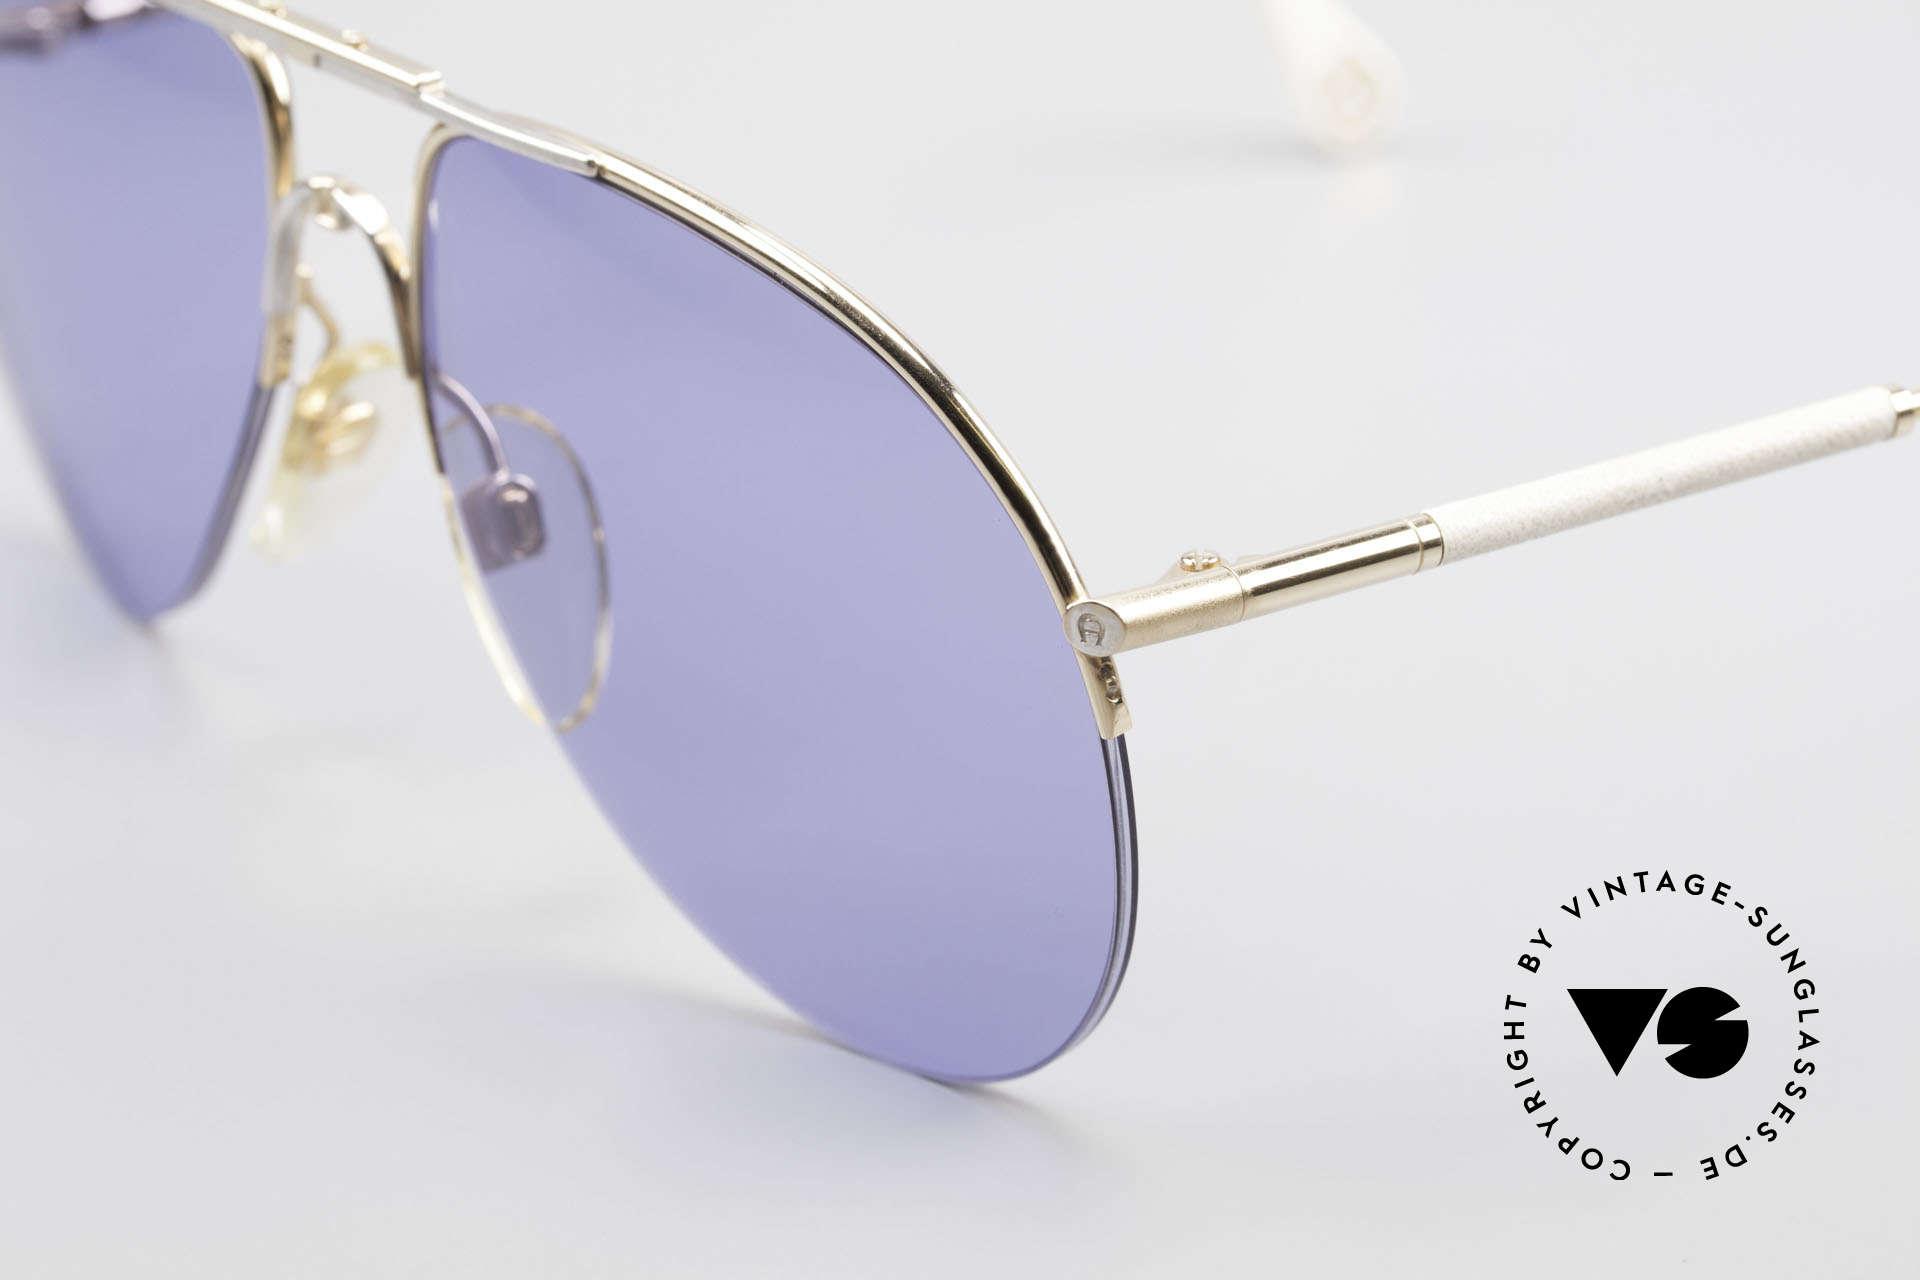 """Aigner EA2 Echt 80er Vintage Sonnenbrille, ein echtes """"Must-Have"""" für alle """"vintage Liebhaber""""!, Passend für Herren und Damen"""